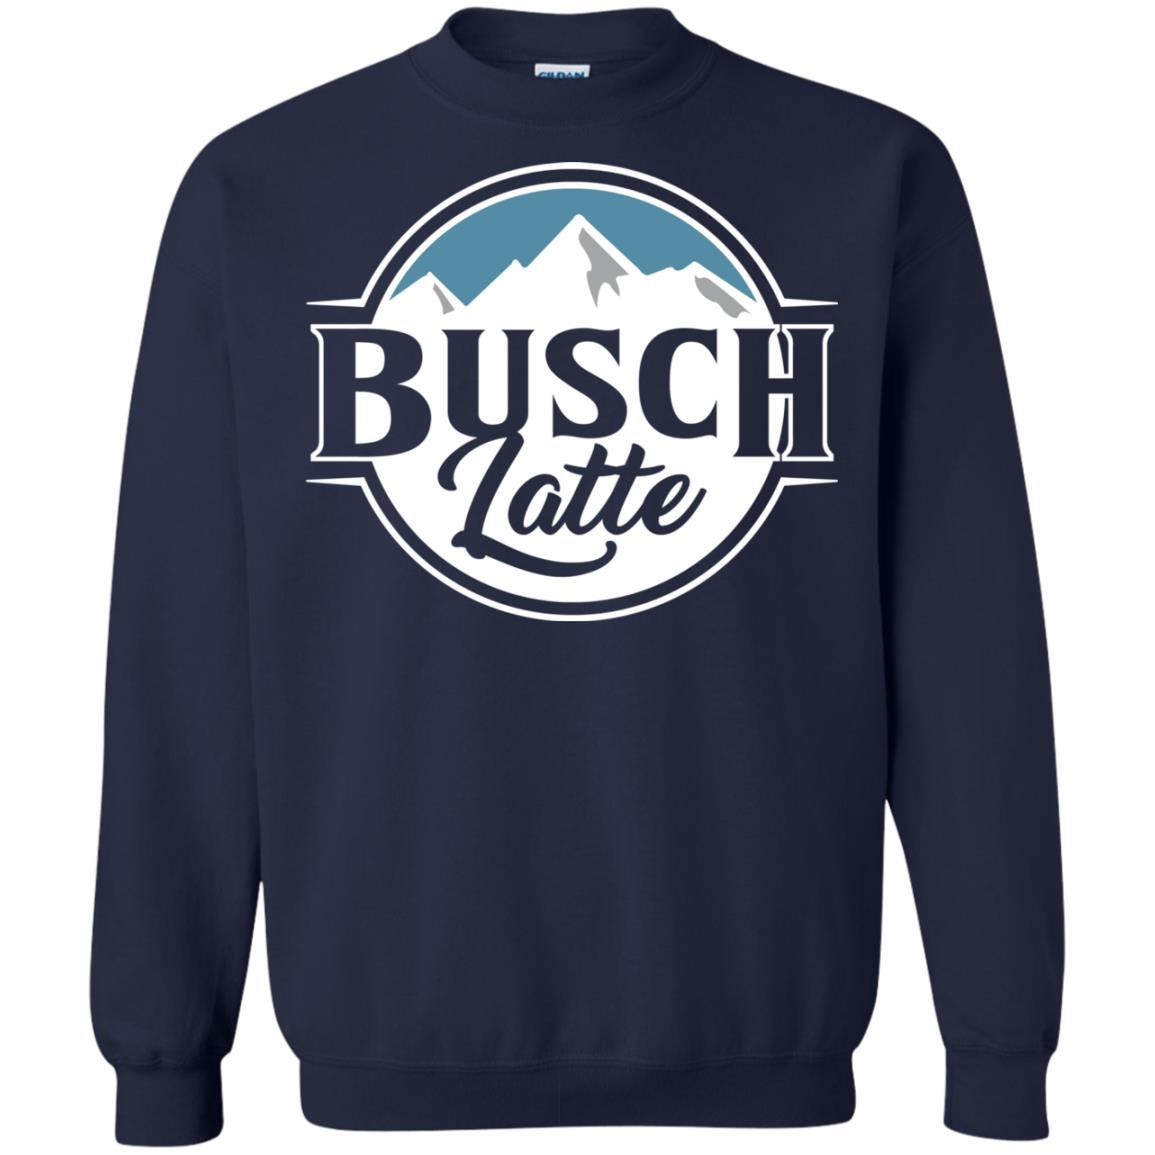 66f85f9ccc83c1 Busch Latte T shirt